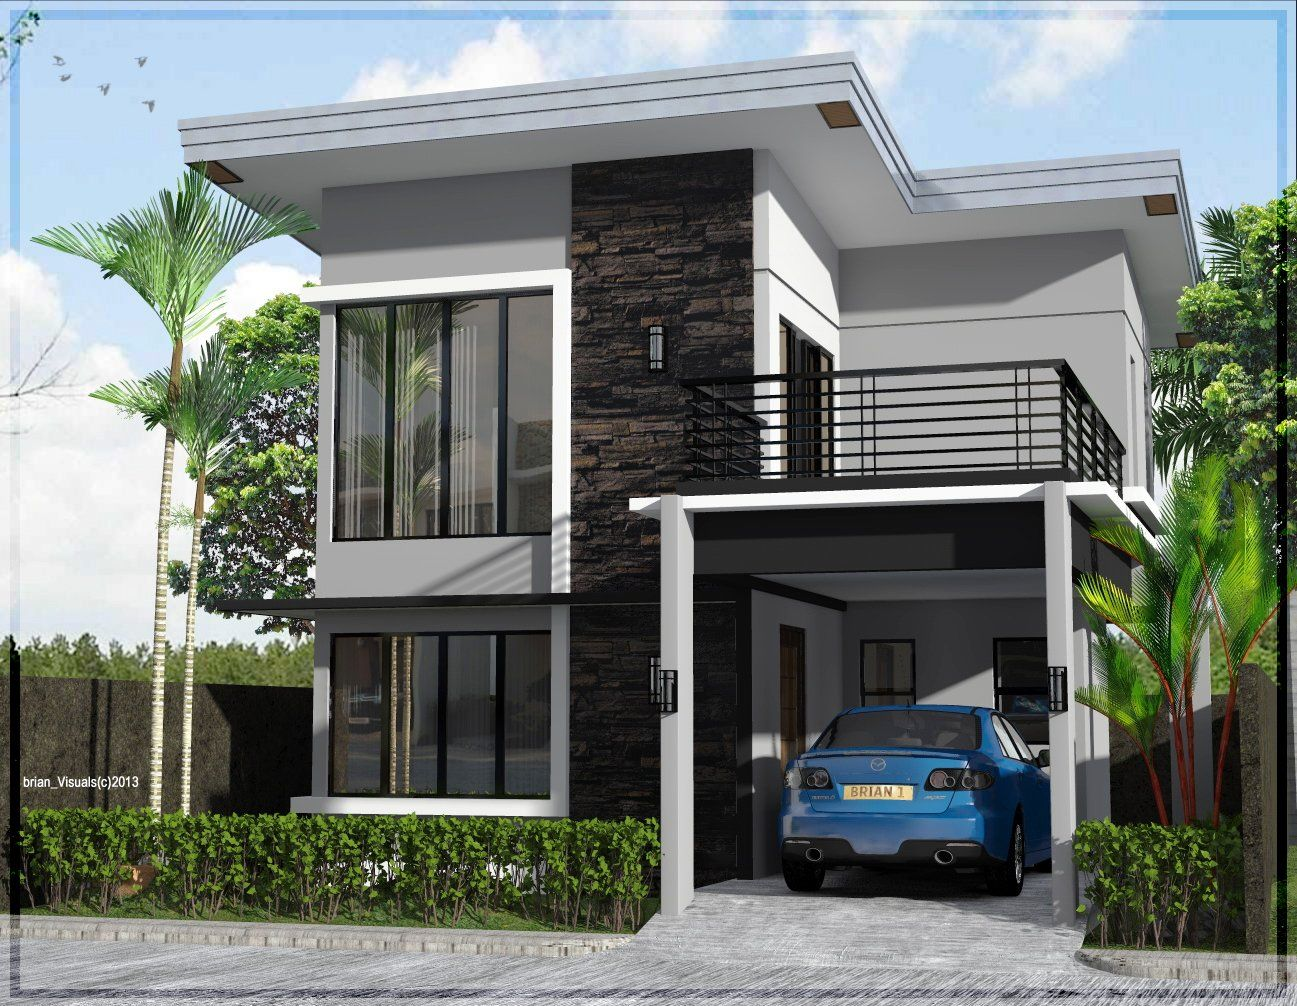 Gambar Rumah Minimalis 2 Lantai 3 Kamar | Desain Rumah Minimalis